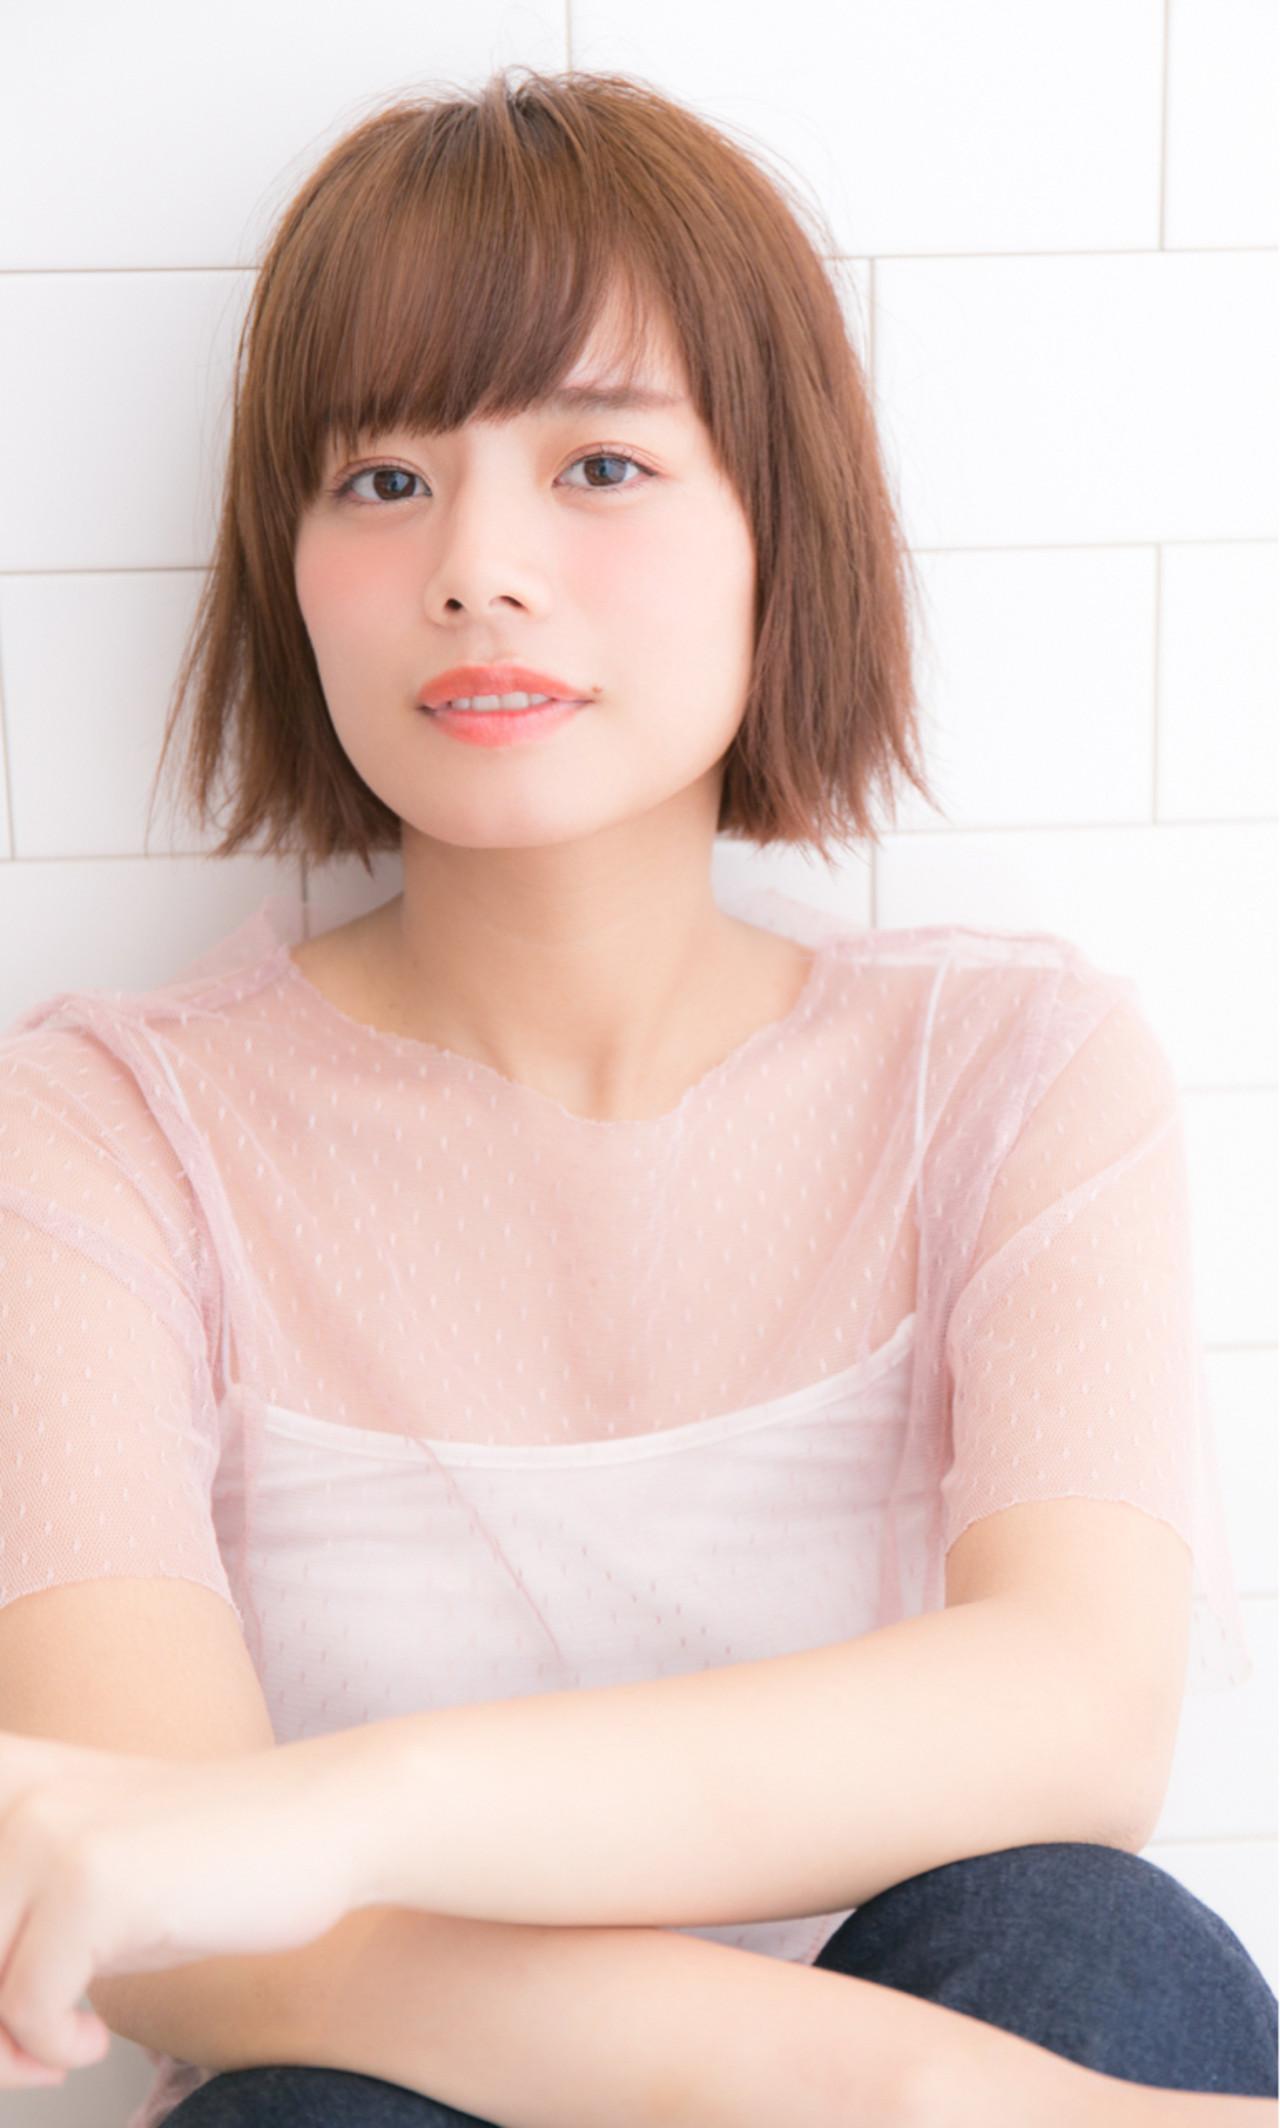 フェミニン 小顔 ボブ 大人女子 ヘアスタイルや髪型の写真・画像 | GARDEN 長田耕太 /  GARDEN